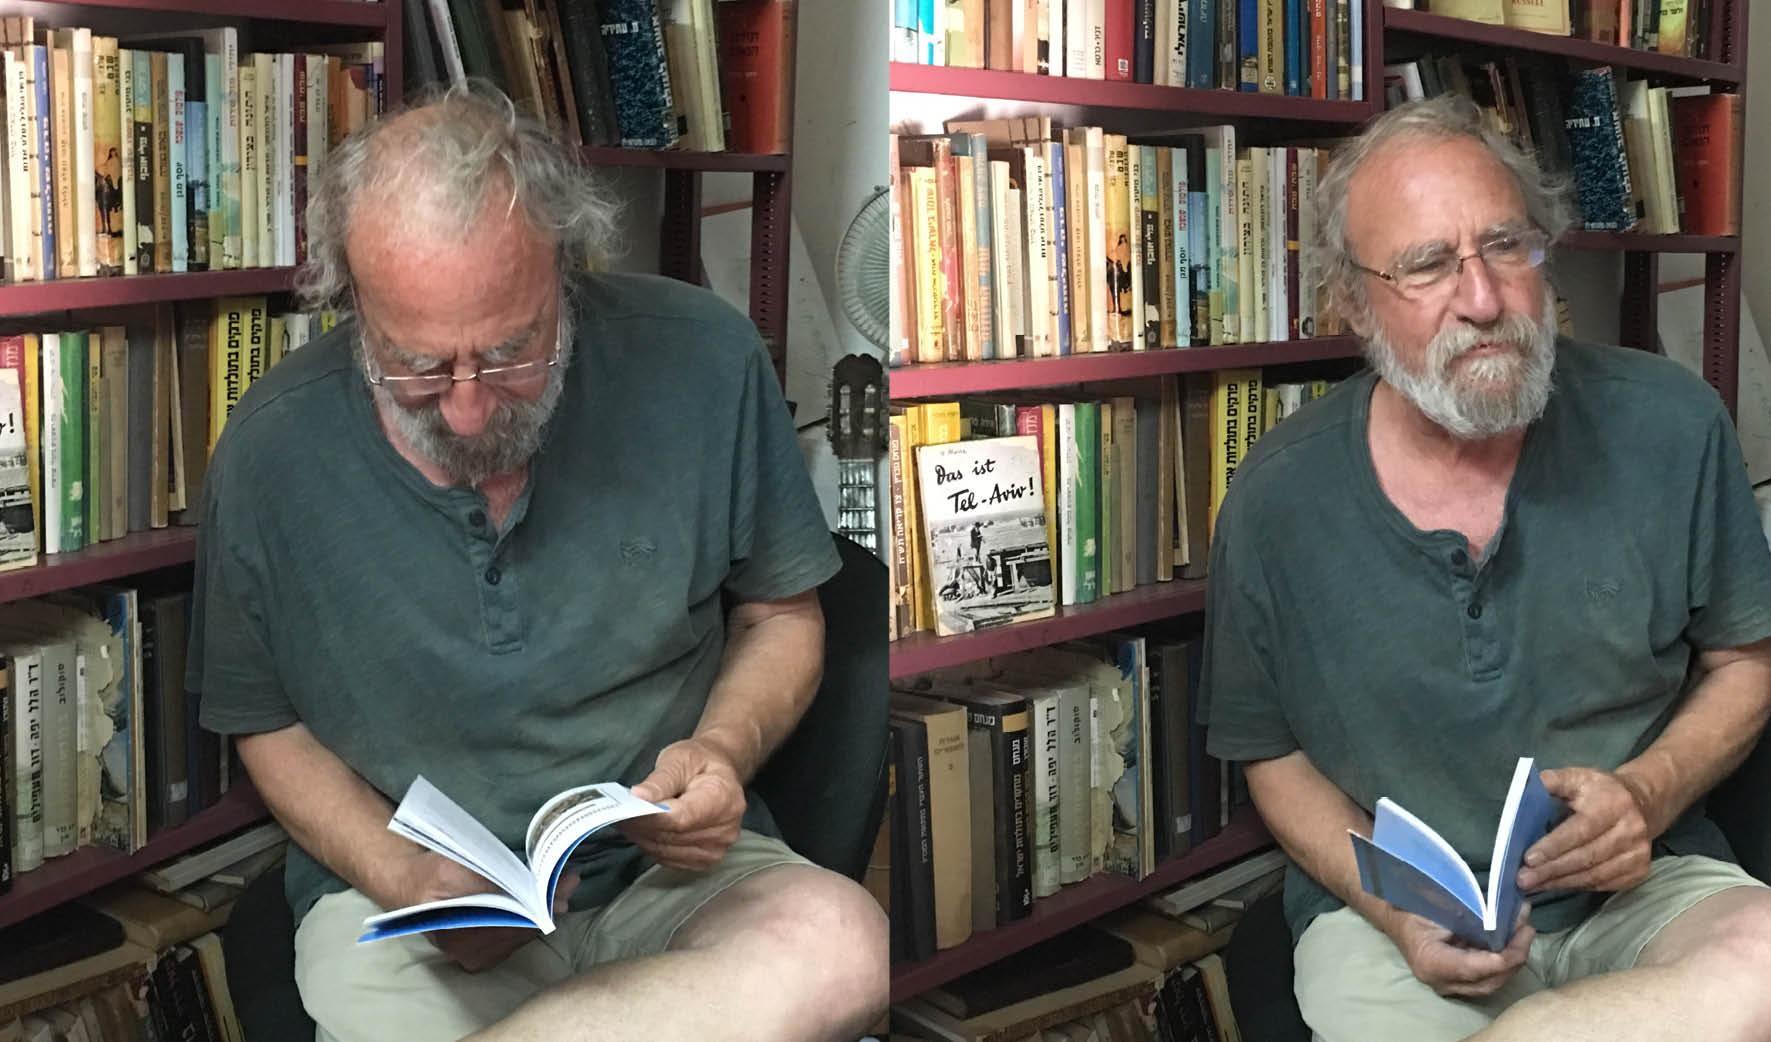 זאב ורכובסקי והספר שניים הפוך בבקשה